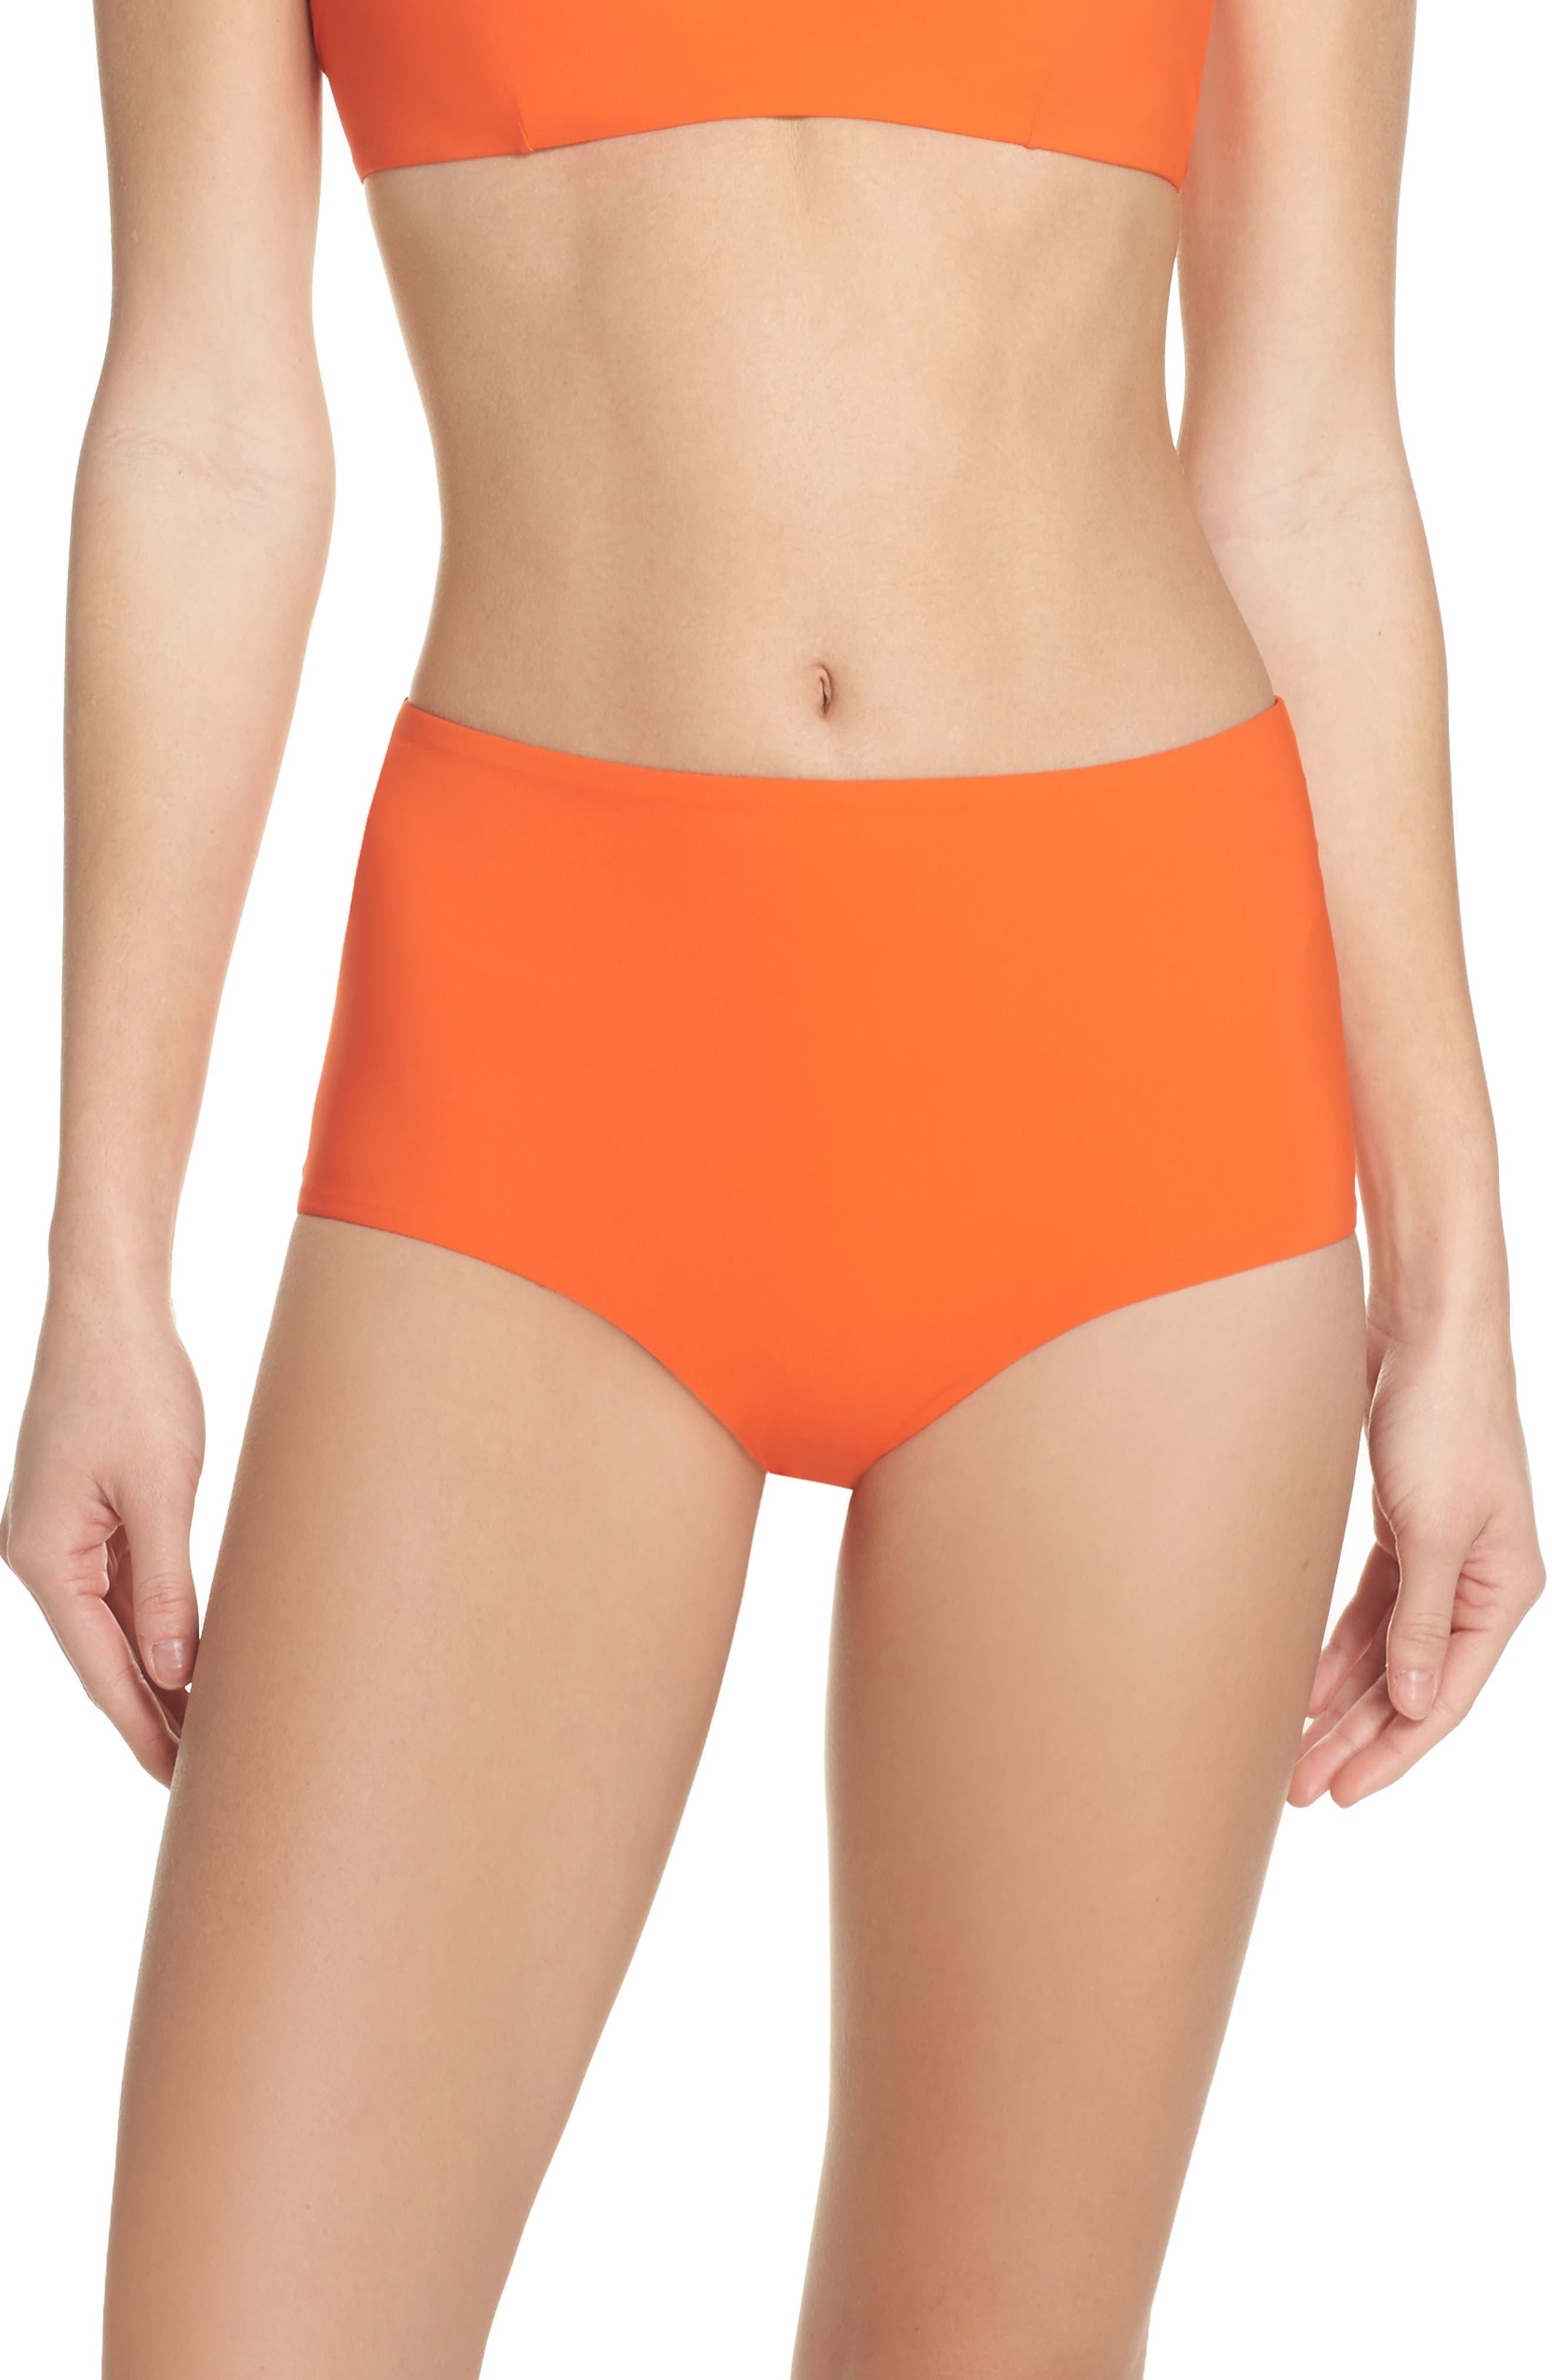 Marina High Waist Bikini Bottoms,                             Main thumbnail 1, color,                             Sweet Tangerine